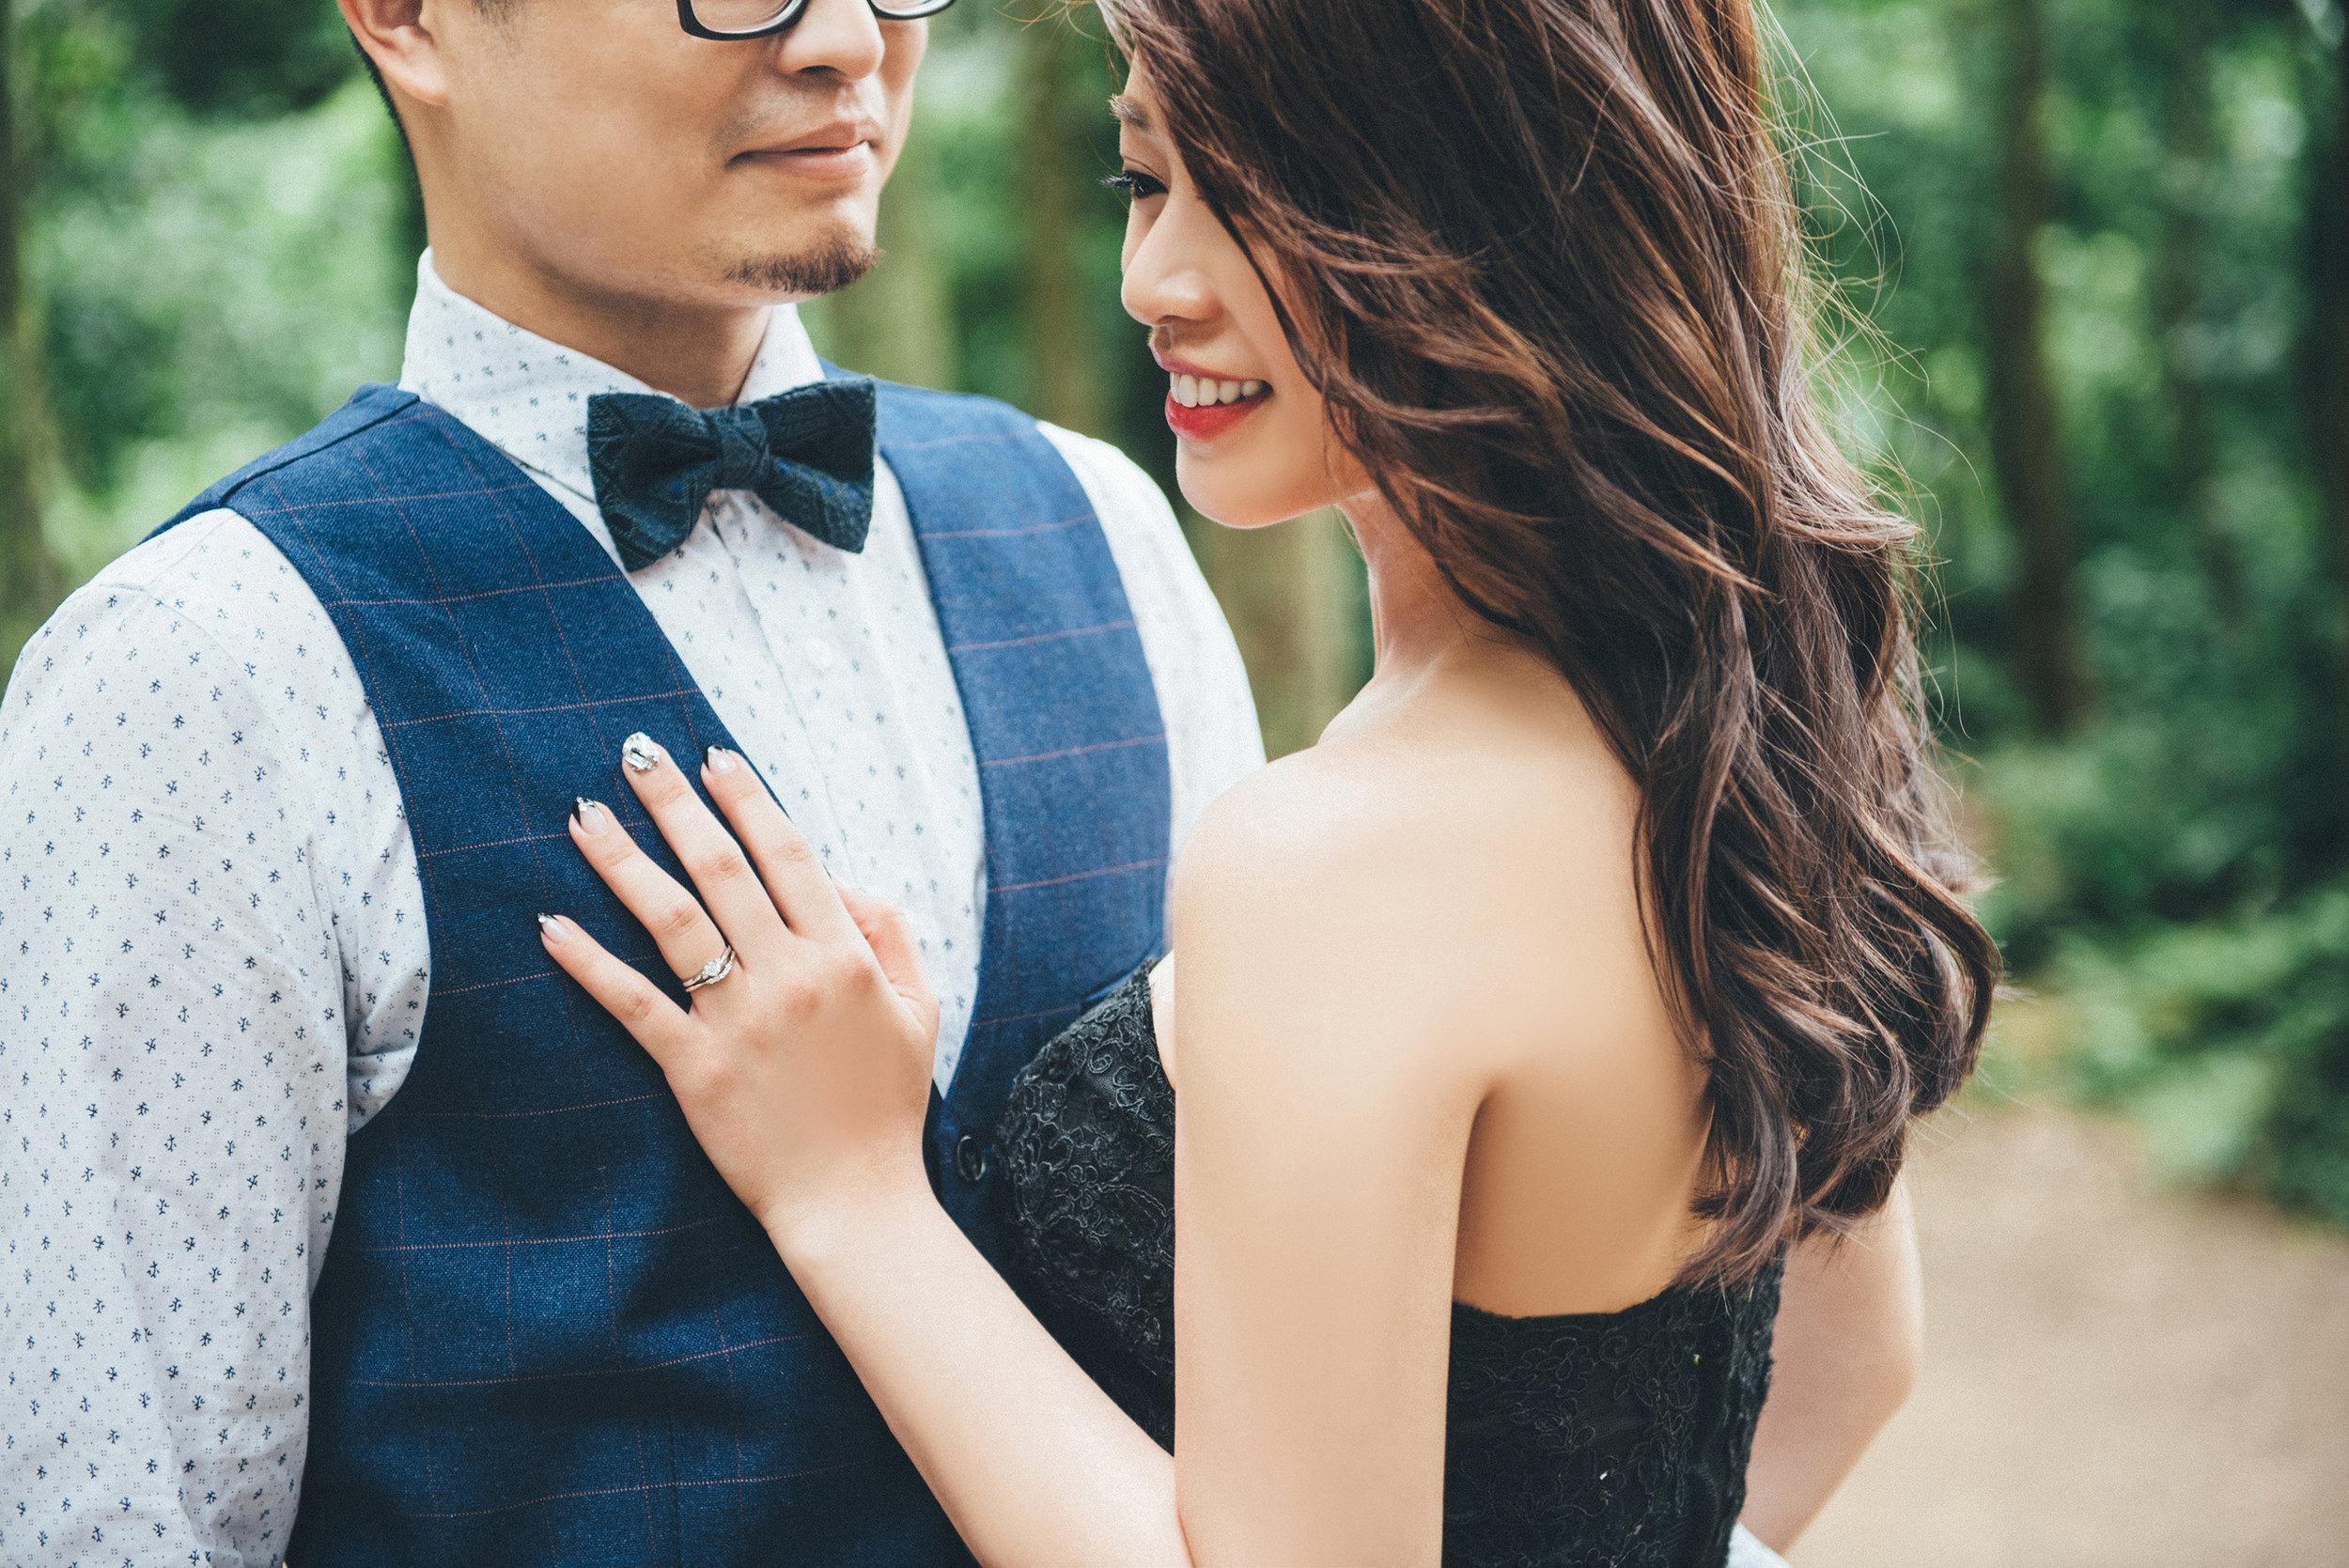 像睿雅這樣有戴婚戒來拍攝的新人,我們也會特別給它特寫或是拍戒指獨照! 另外新娘們可以依照挑選的禮服來做適合的指甲保養喔~ 最常見經典氣質的法式指甲、溫柔的粉嫩色系光療或者只是修剪整齊的素甲其實都很好, 又或者像睿雅一樣,搭配禮服的顏色挑選的點綴花色也很畫龍點睛呢。